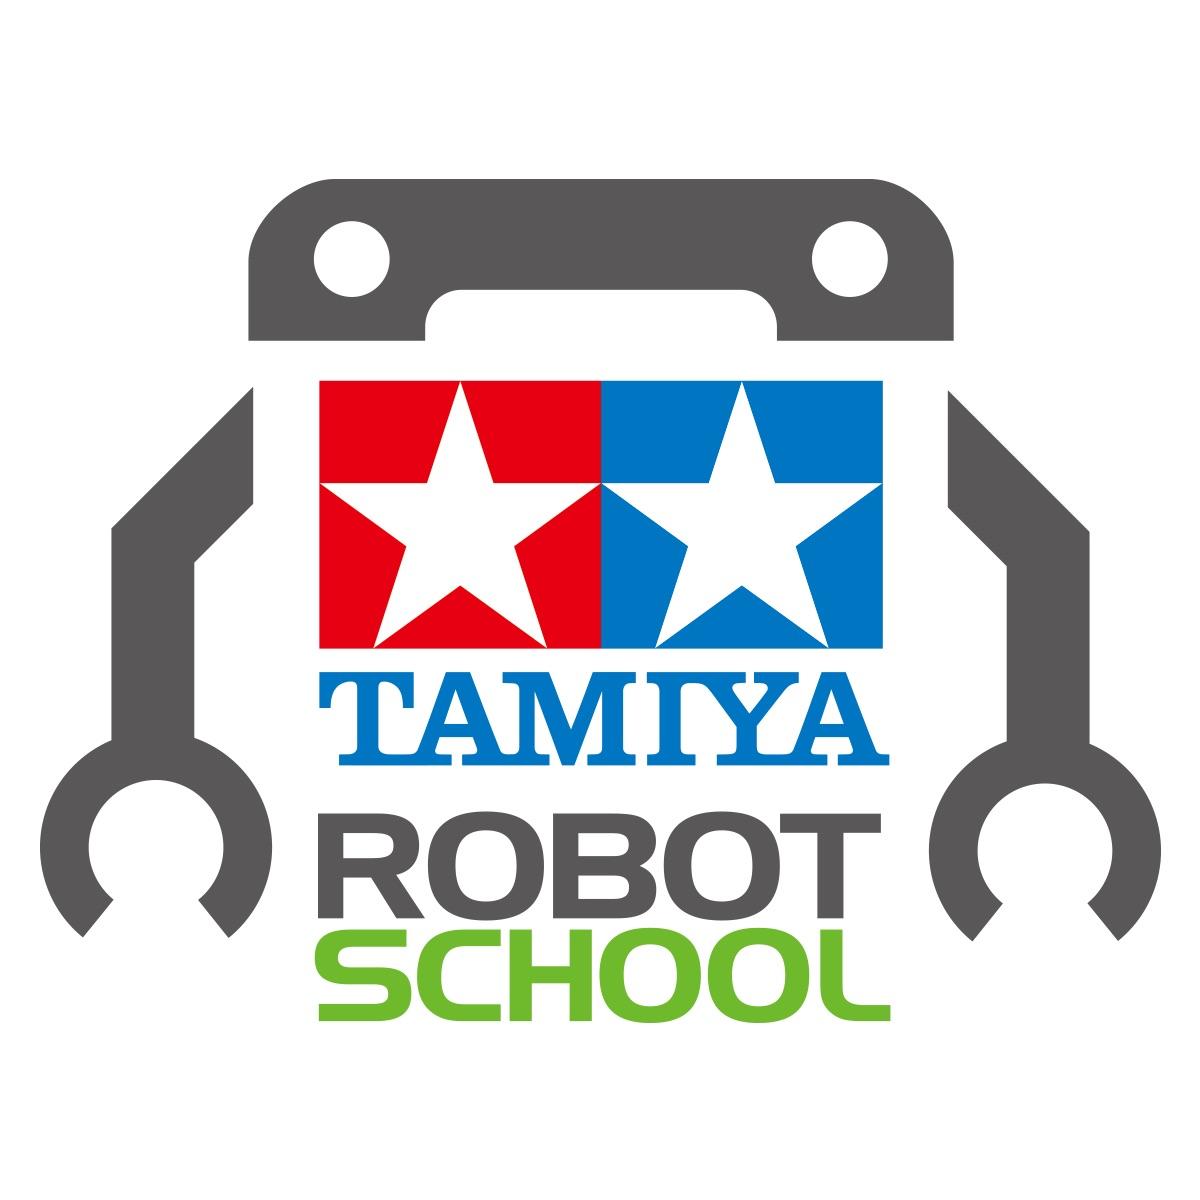 タミヤロボットスクール 池袋教室